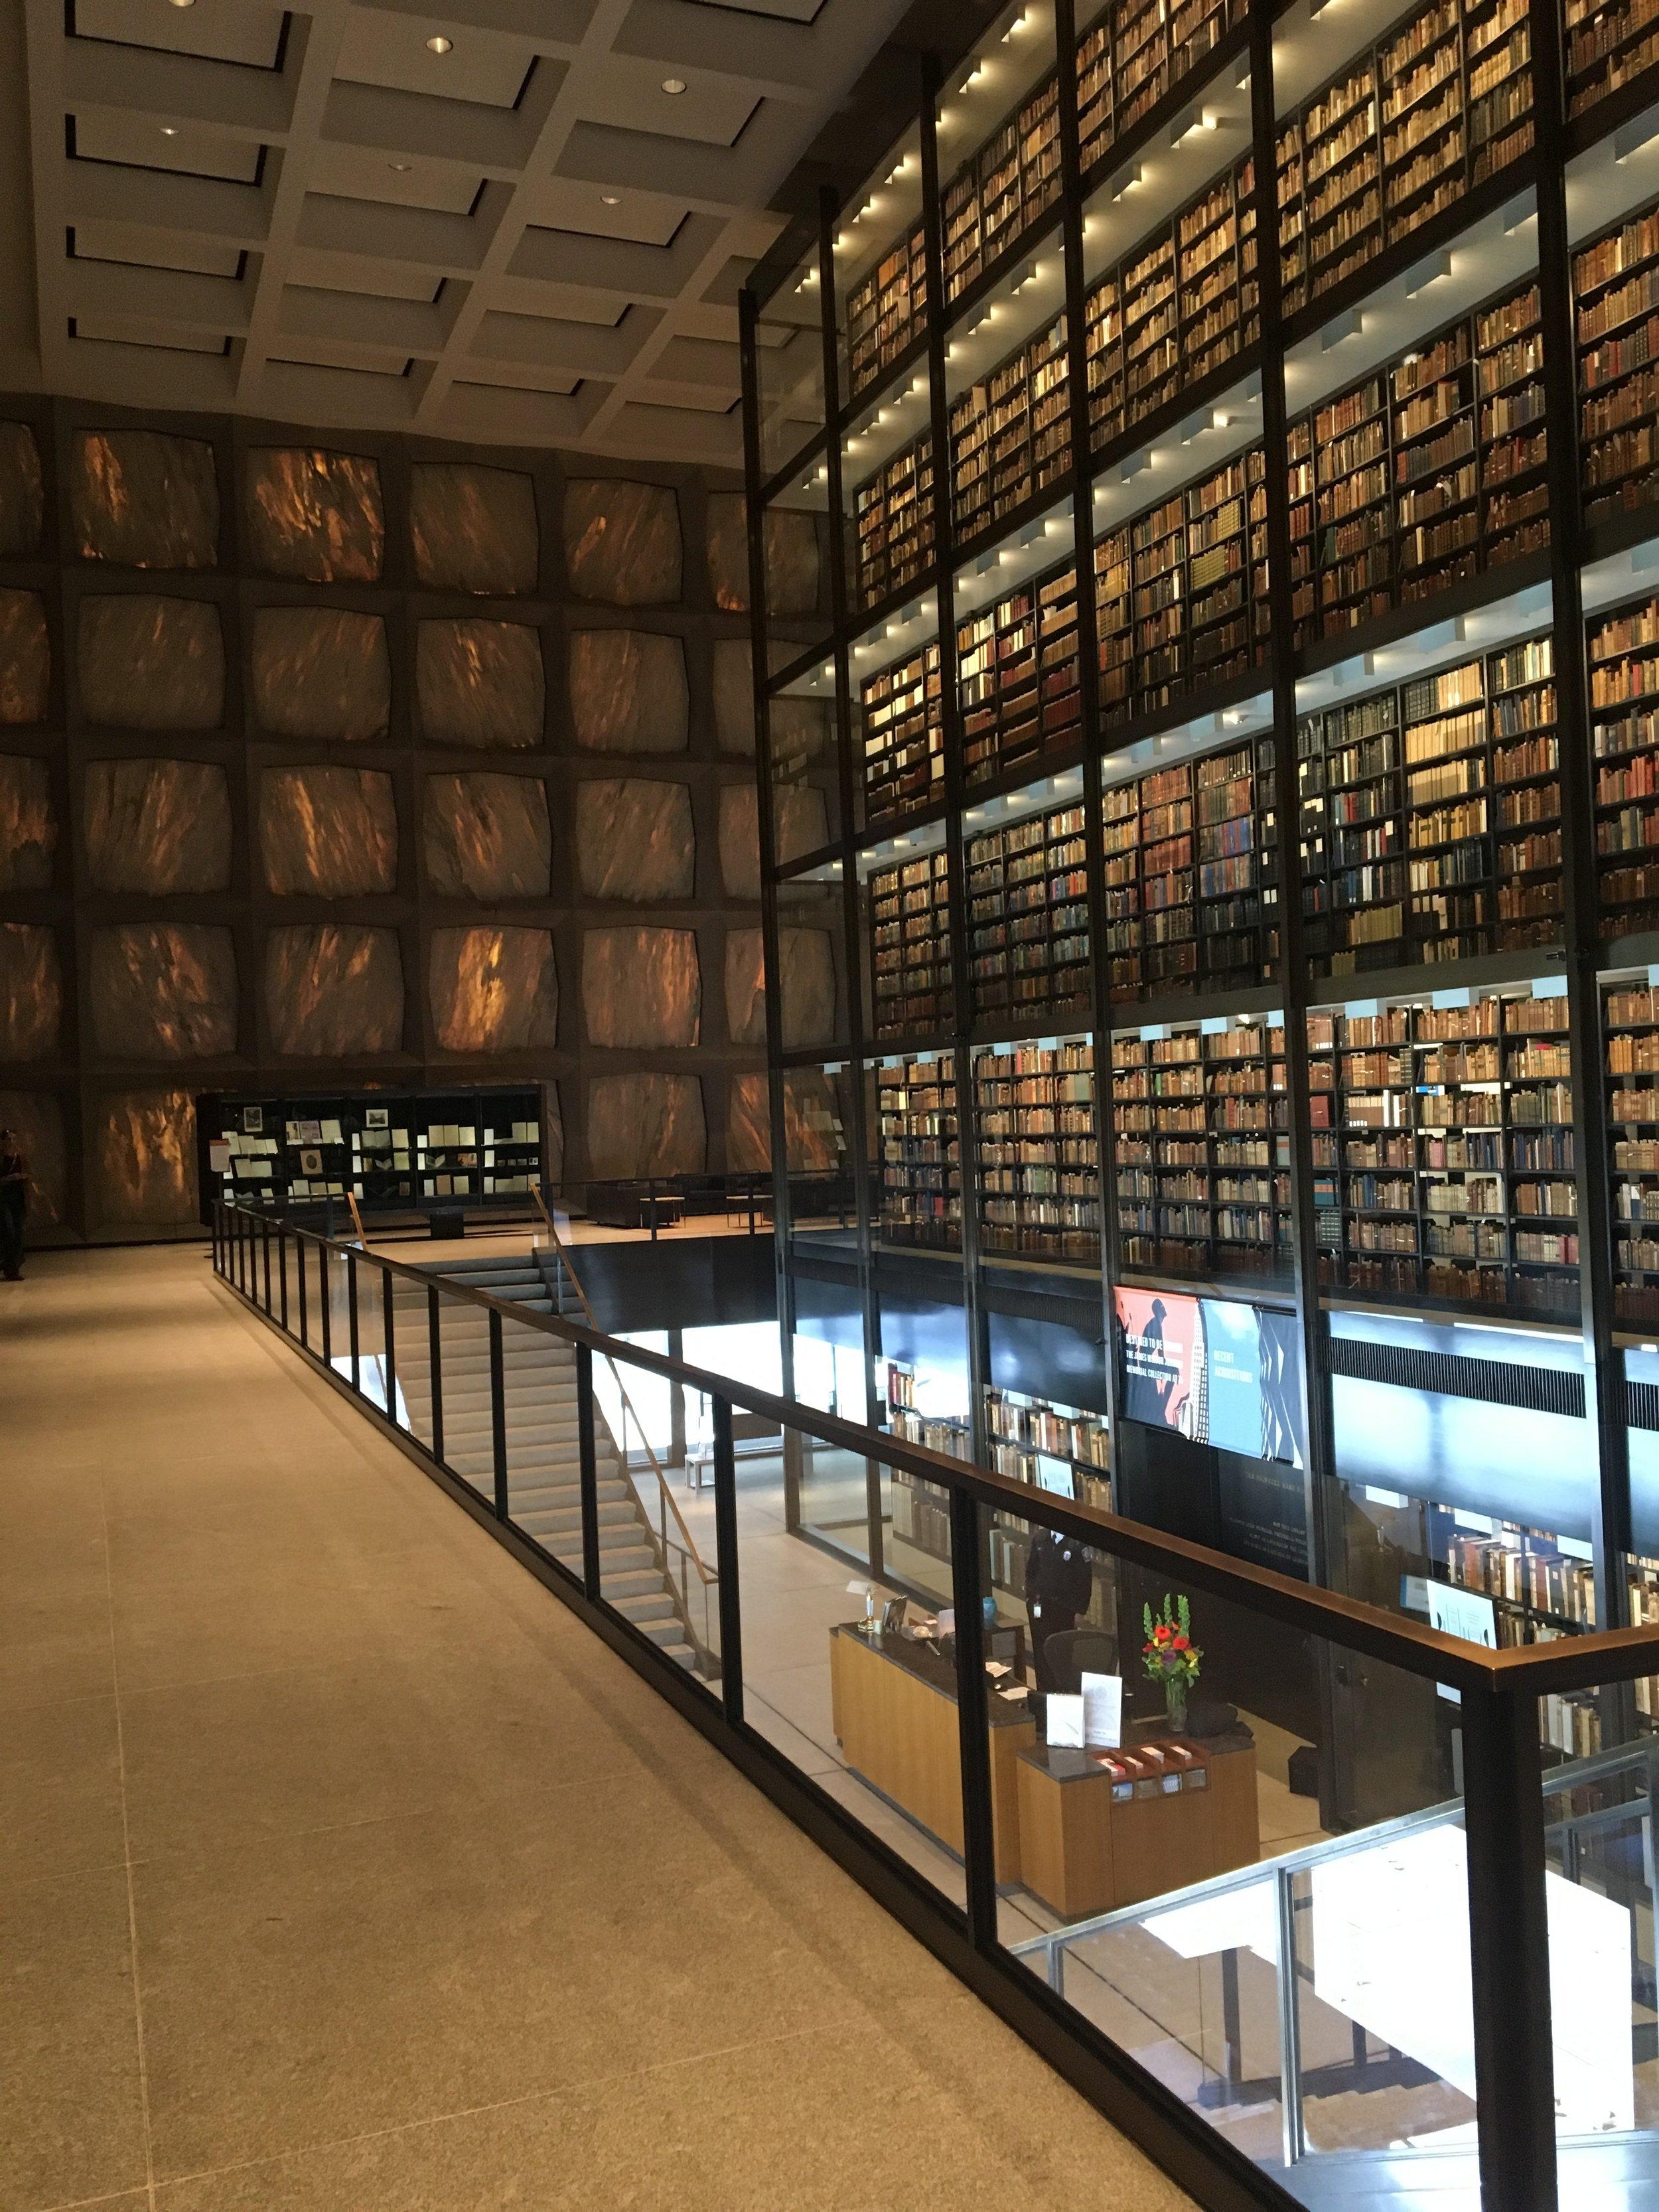 Beinecke Library, interior